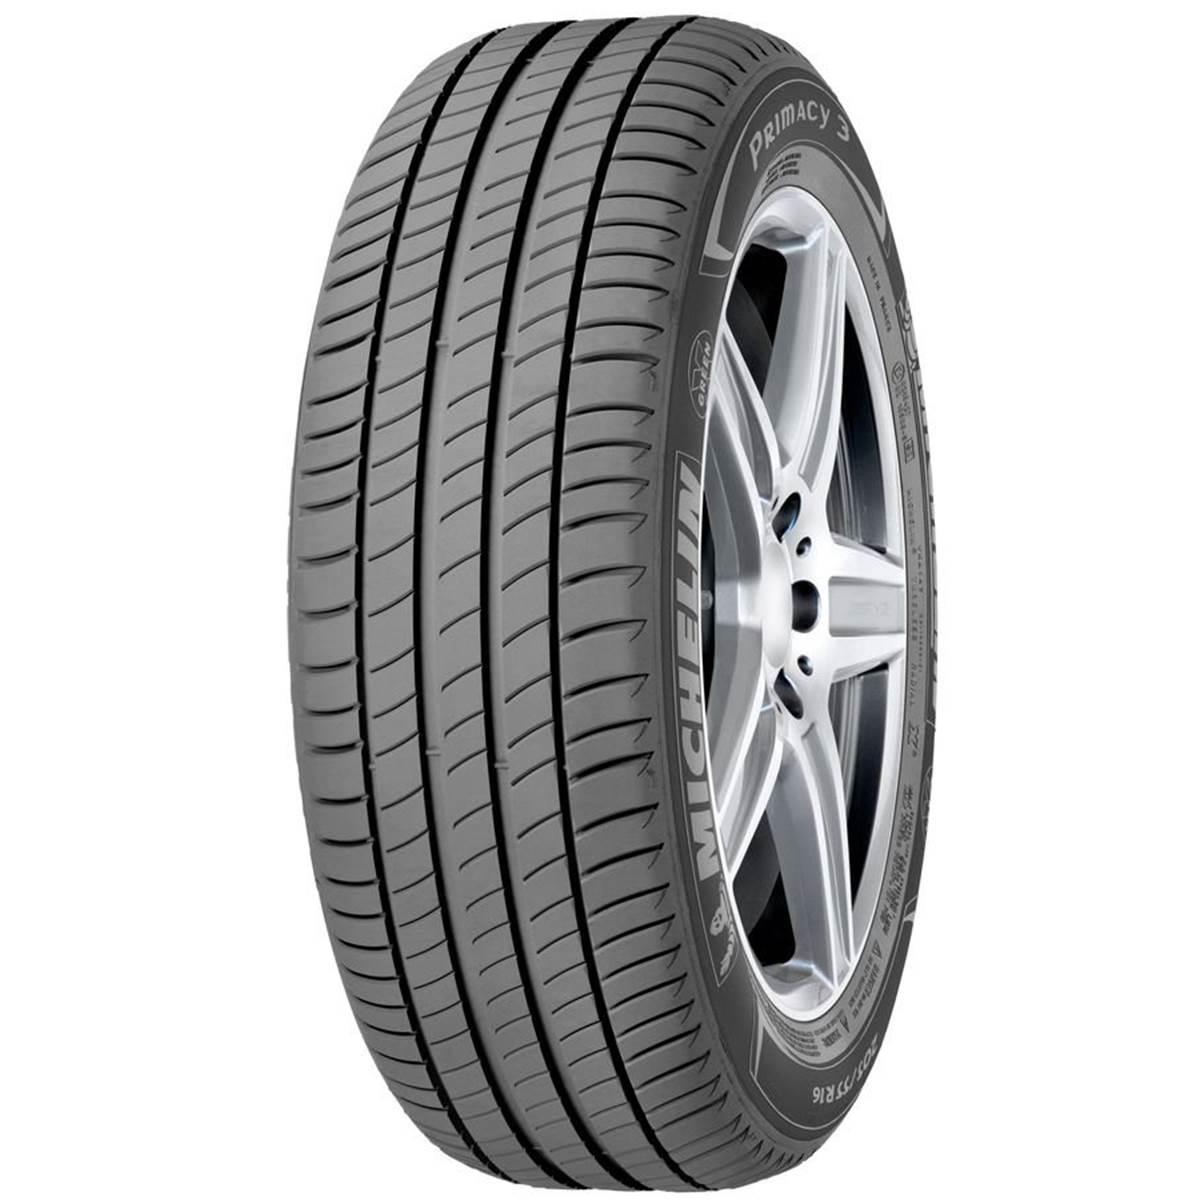 Pneu Michelin 215/50R17 91H Primacy 3